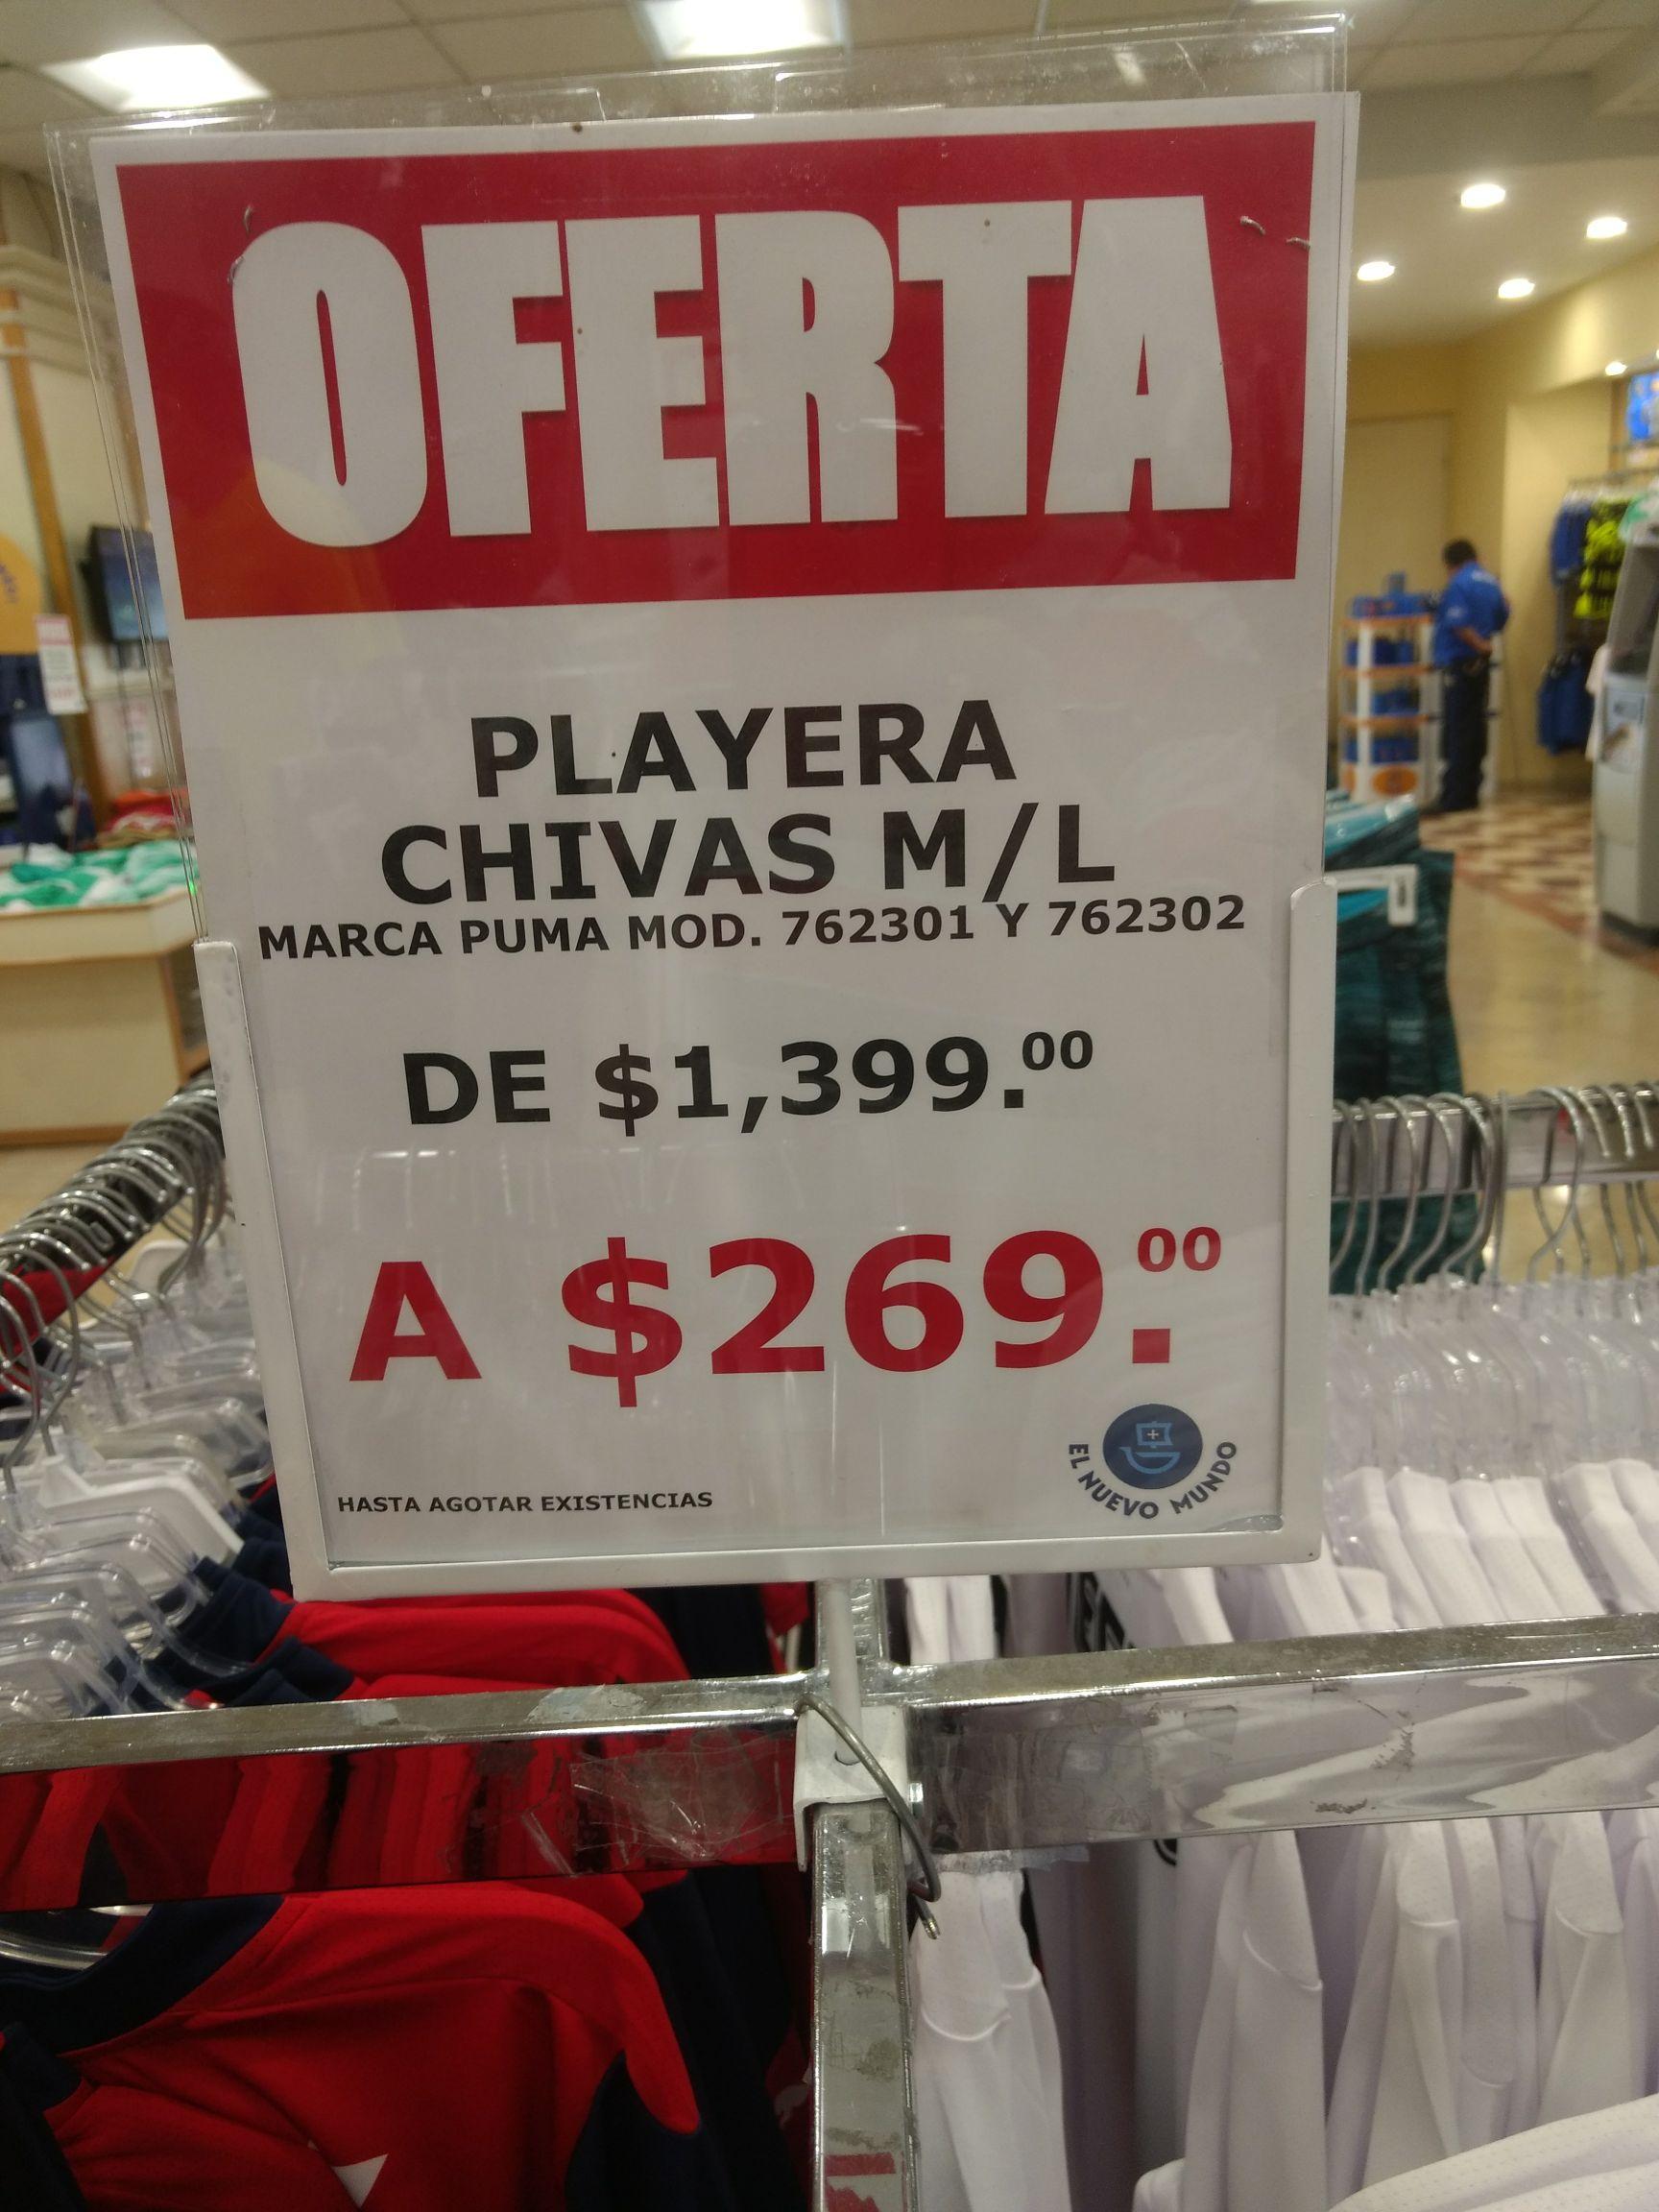 Playera oficial Chivas  marca puma, EL NUEVO MUNDO, MTY